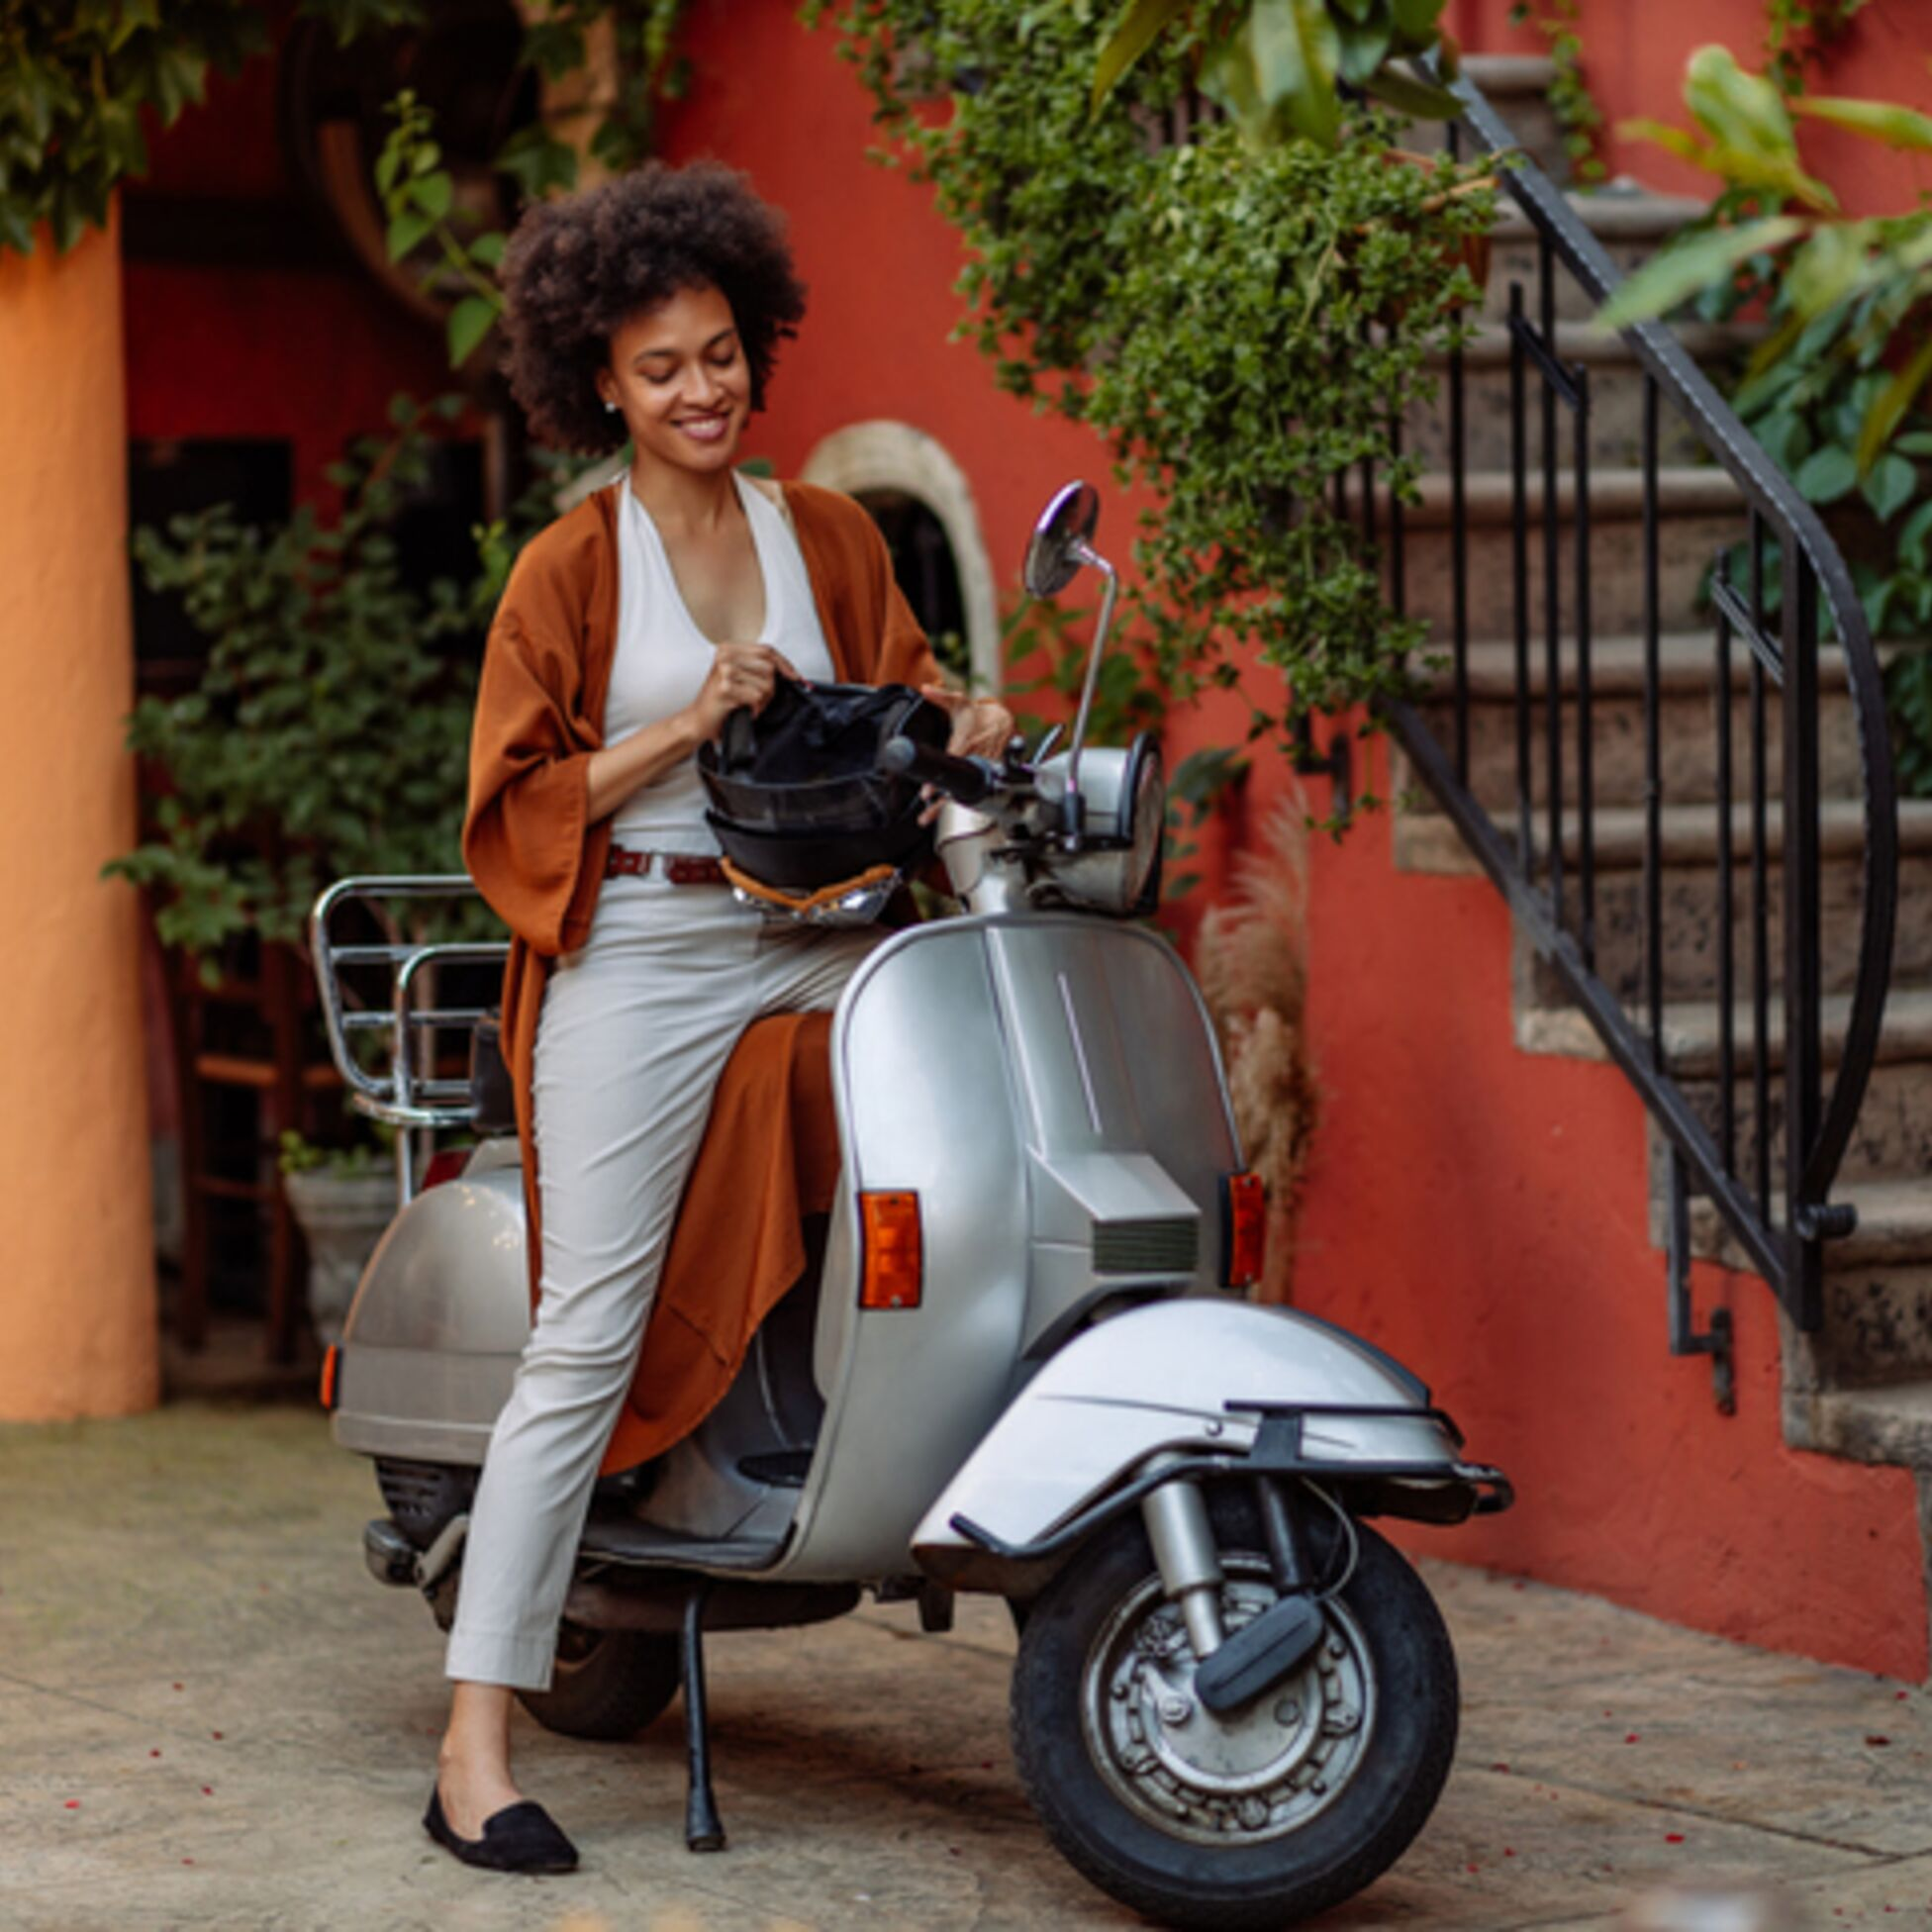 Frau sitzt auf Motorroller und hält Helm in der Hand